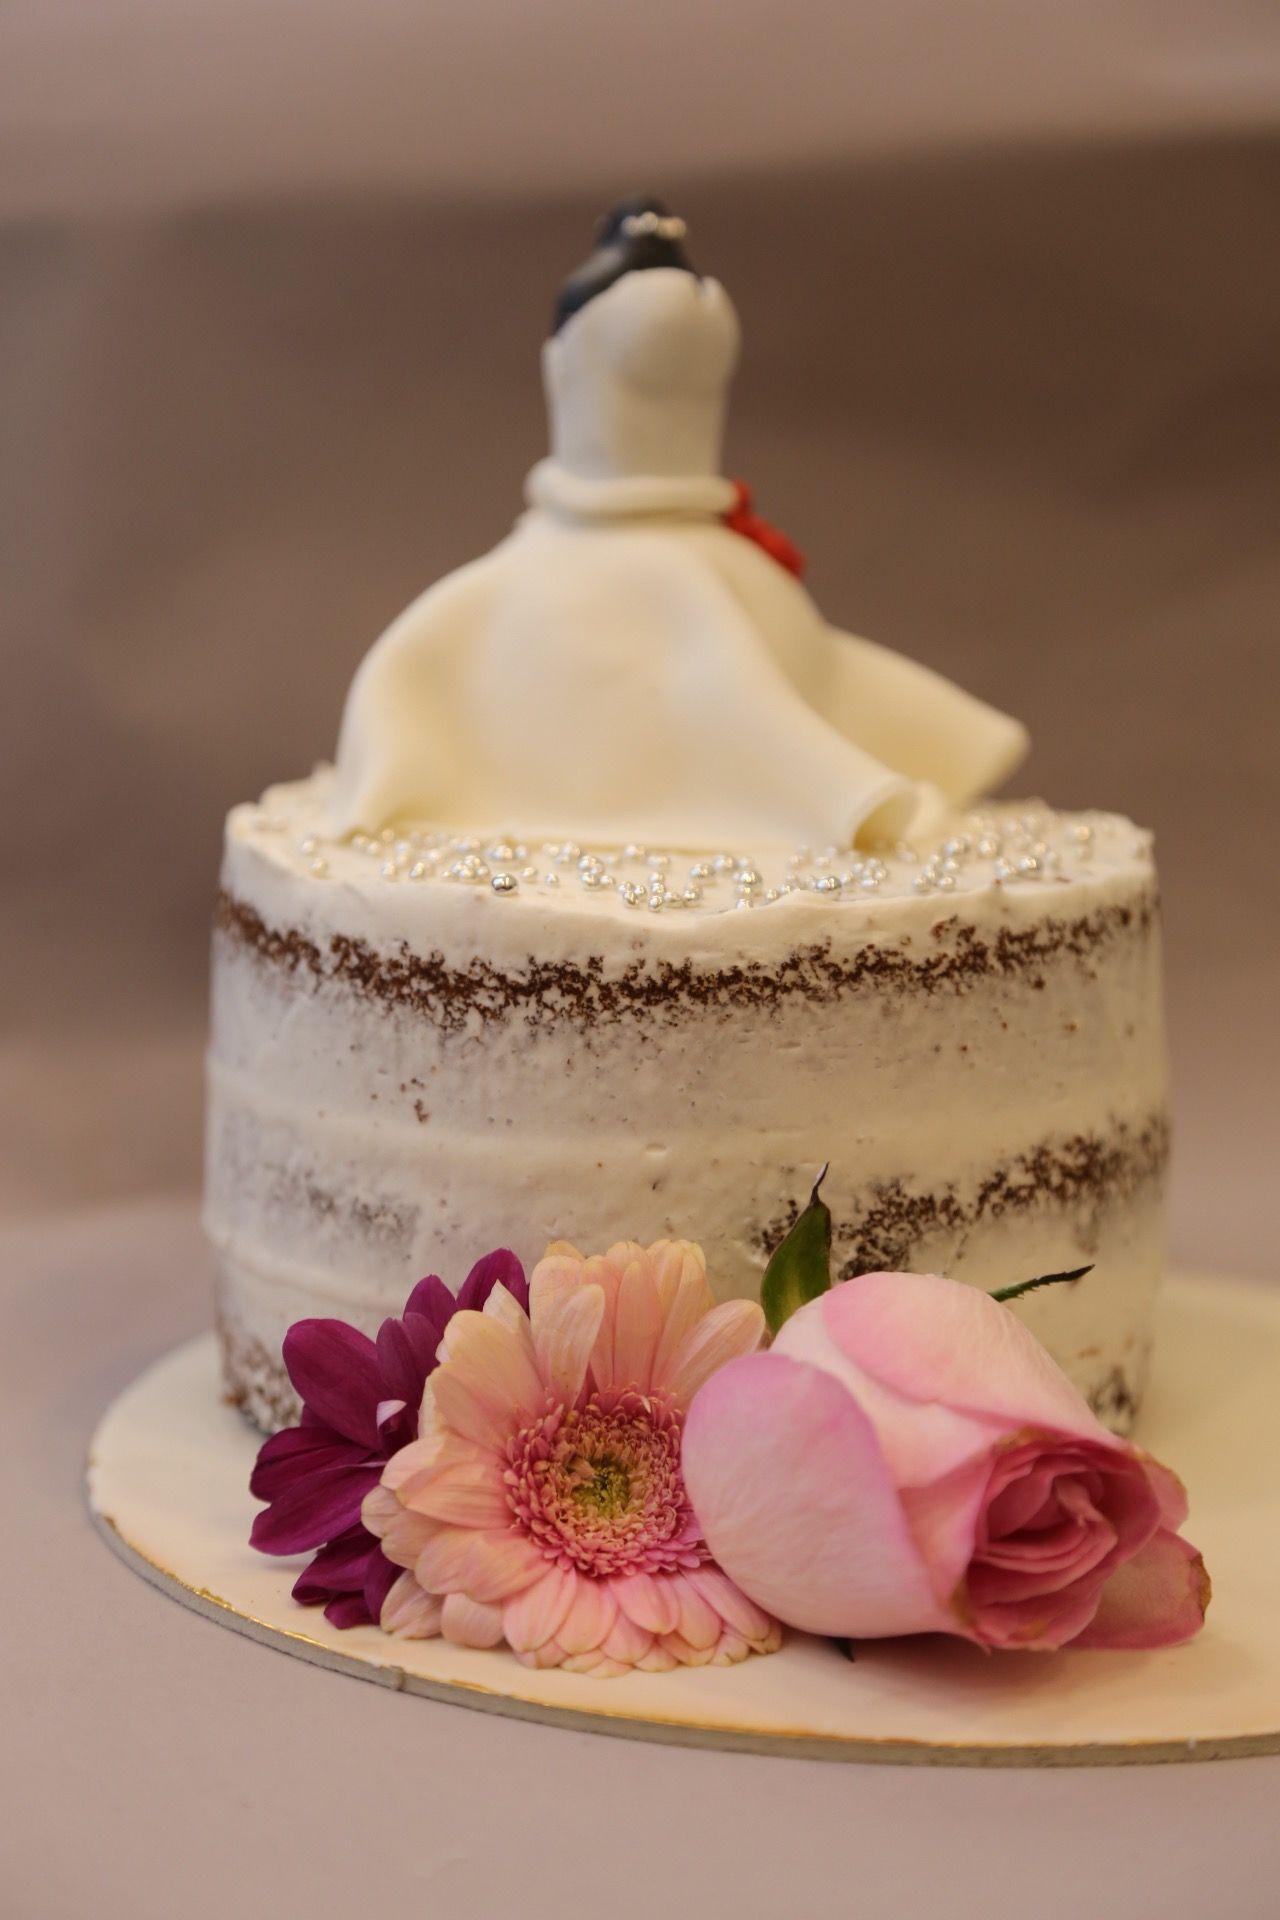 Bye Bye Single Life Cake Cake Party Cakes Single Life